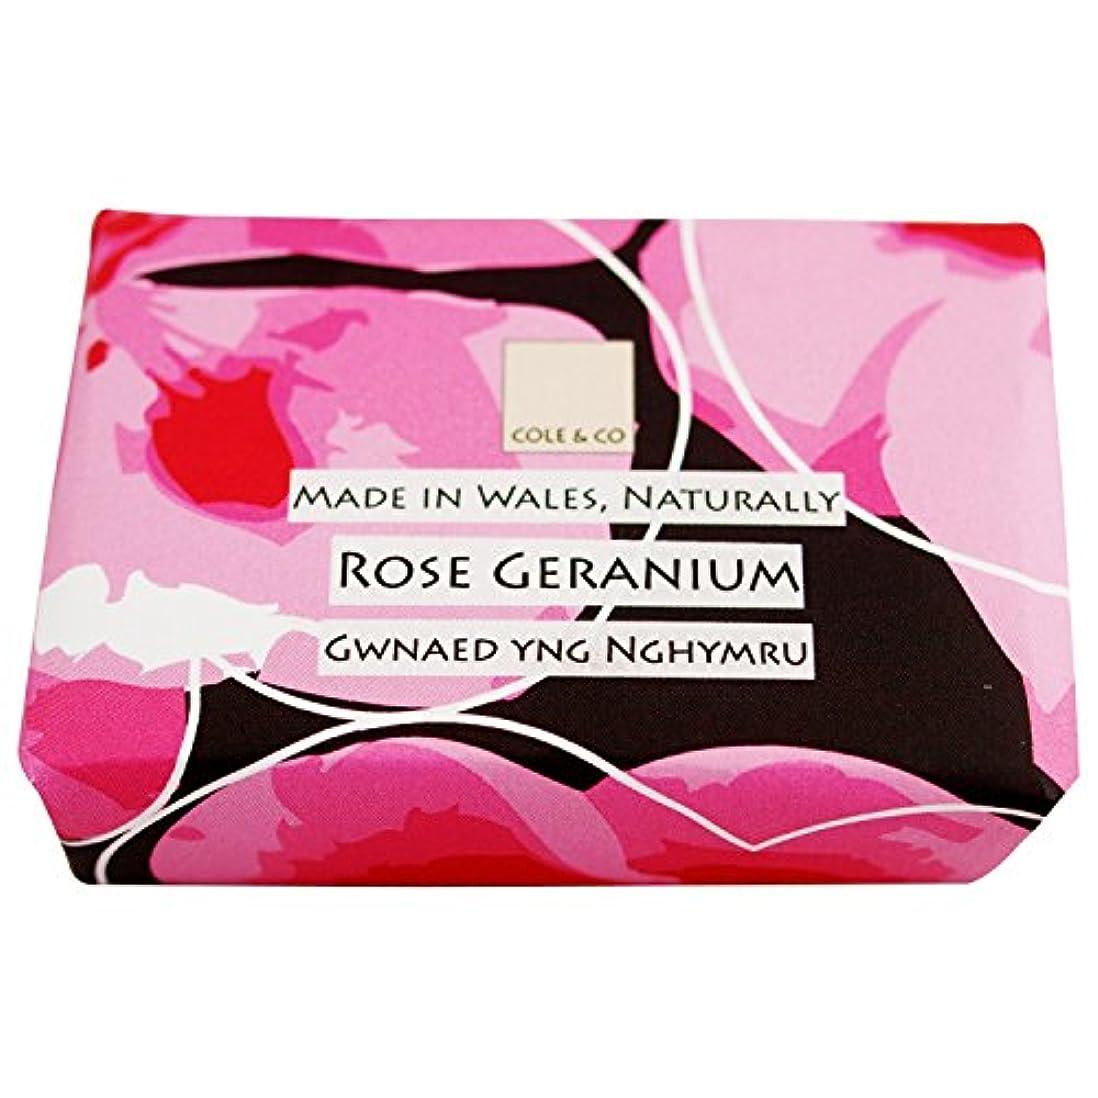 リズム汚染水銀のコール&Coはゼラニウム石鹸80グラムのバラ (Cole & Co) (x6) - Cole & Co Rose Geranium Soap 80g (Pack of 6) [並行輸入品]